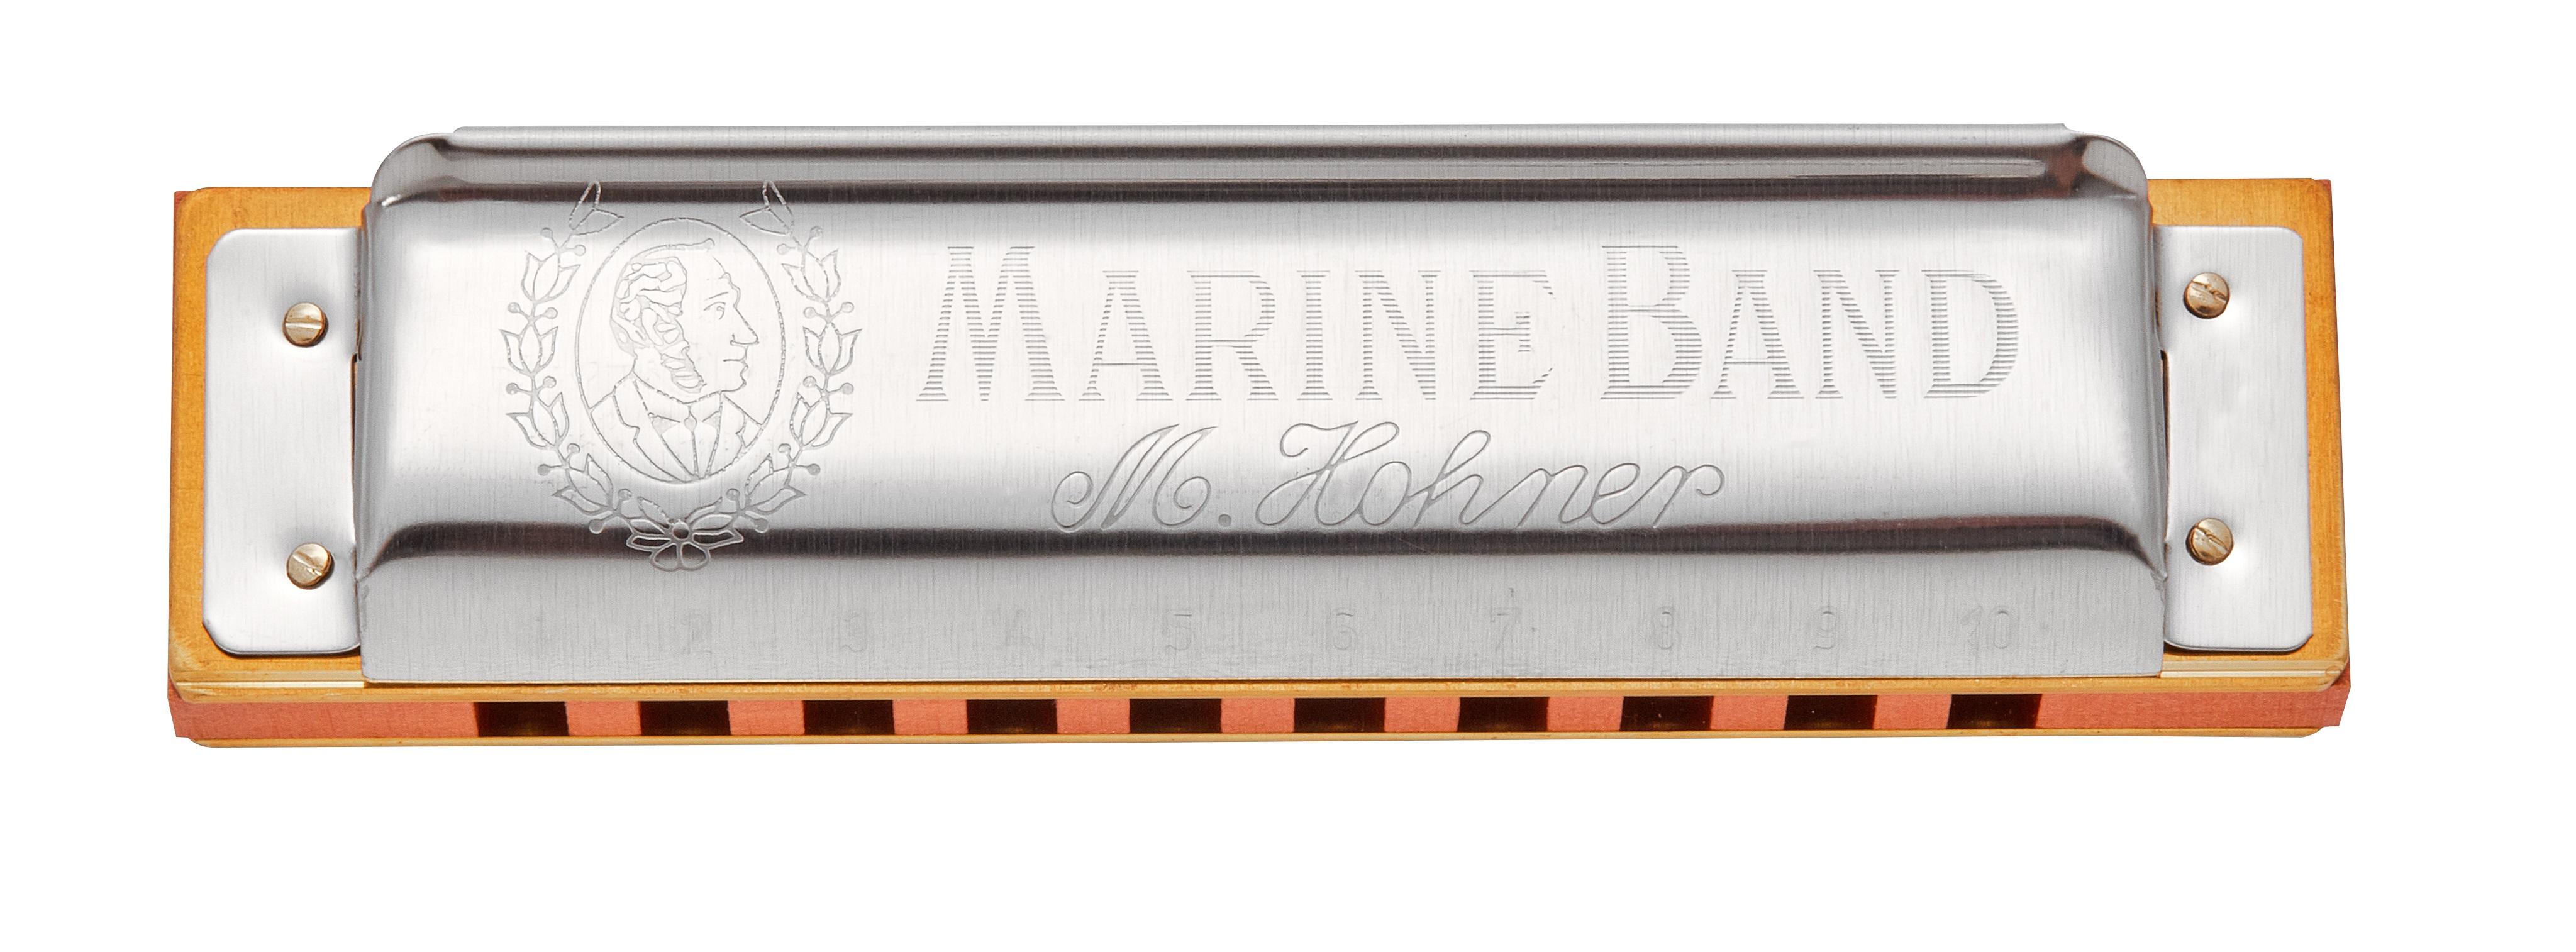 Hohner Marine Band 1896 G-harmonic minor